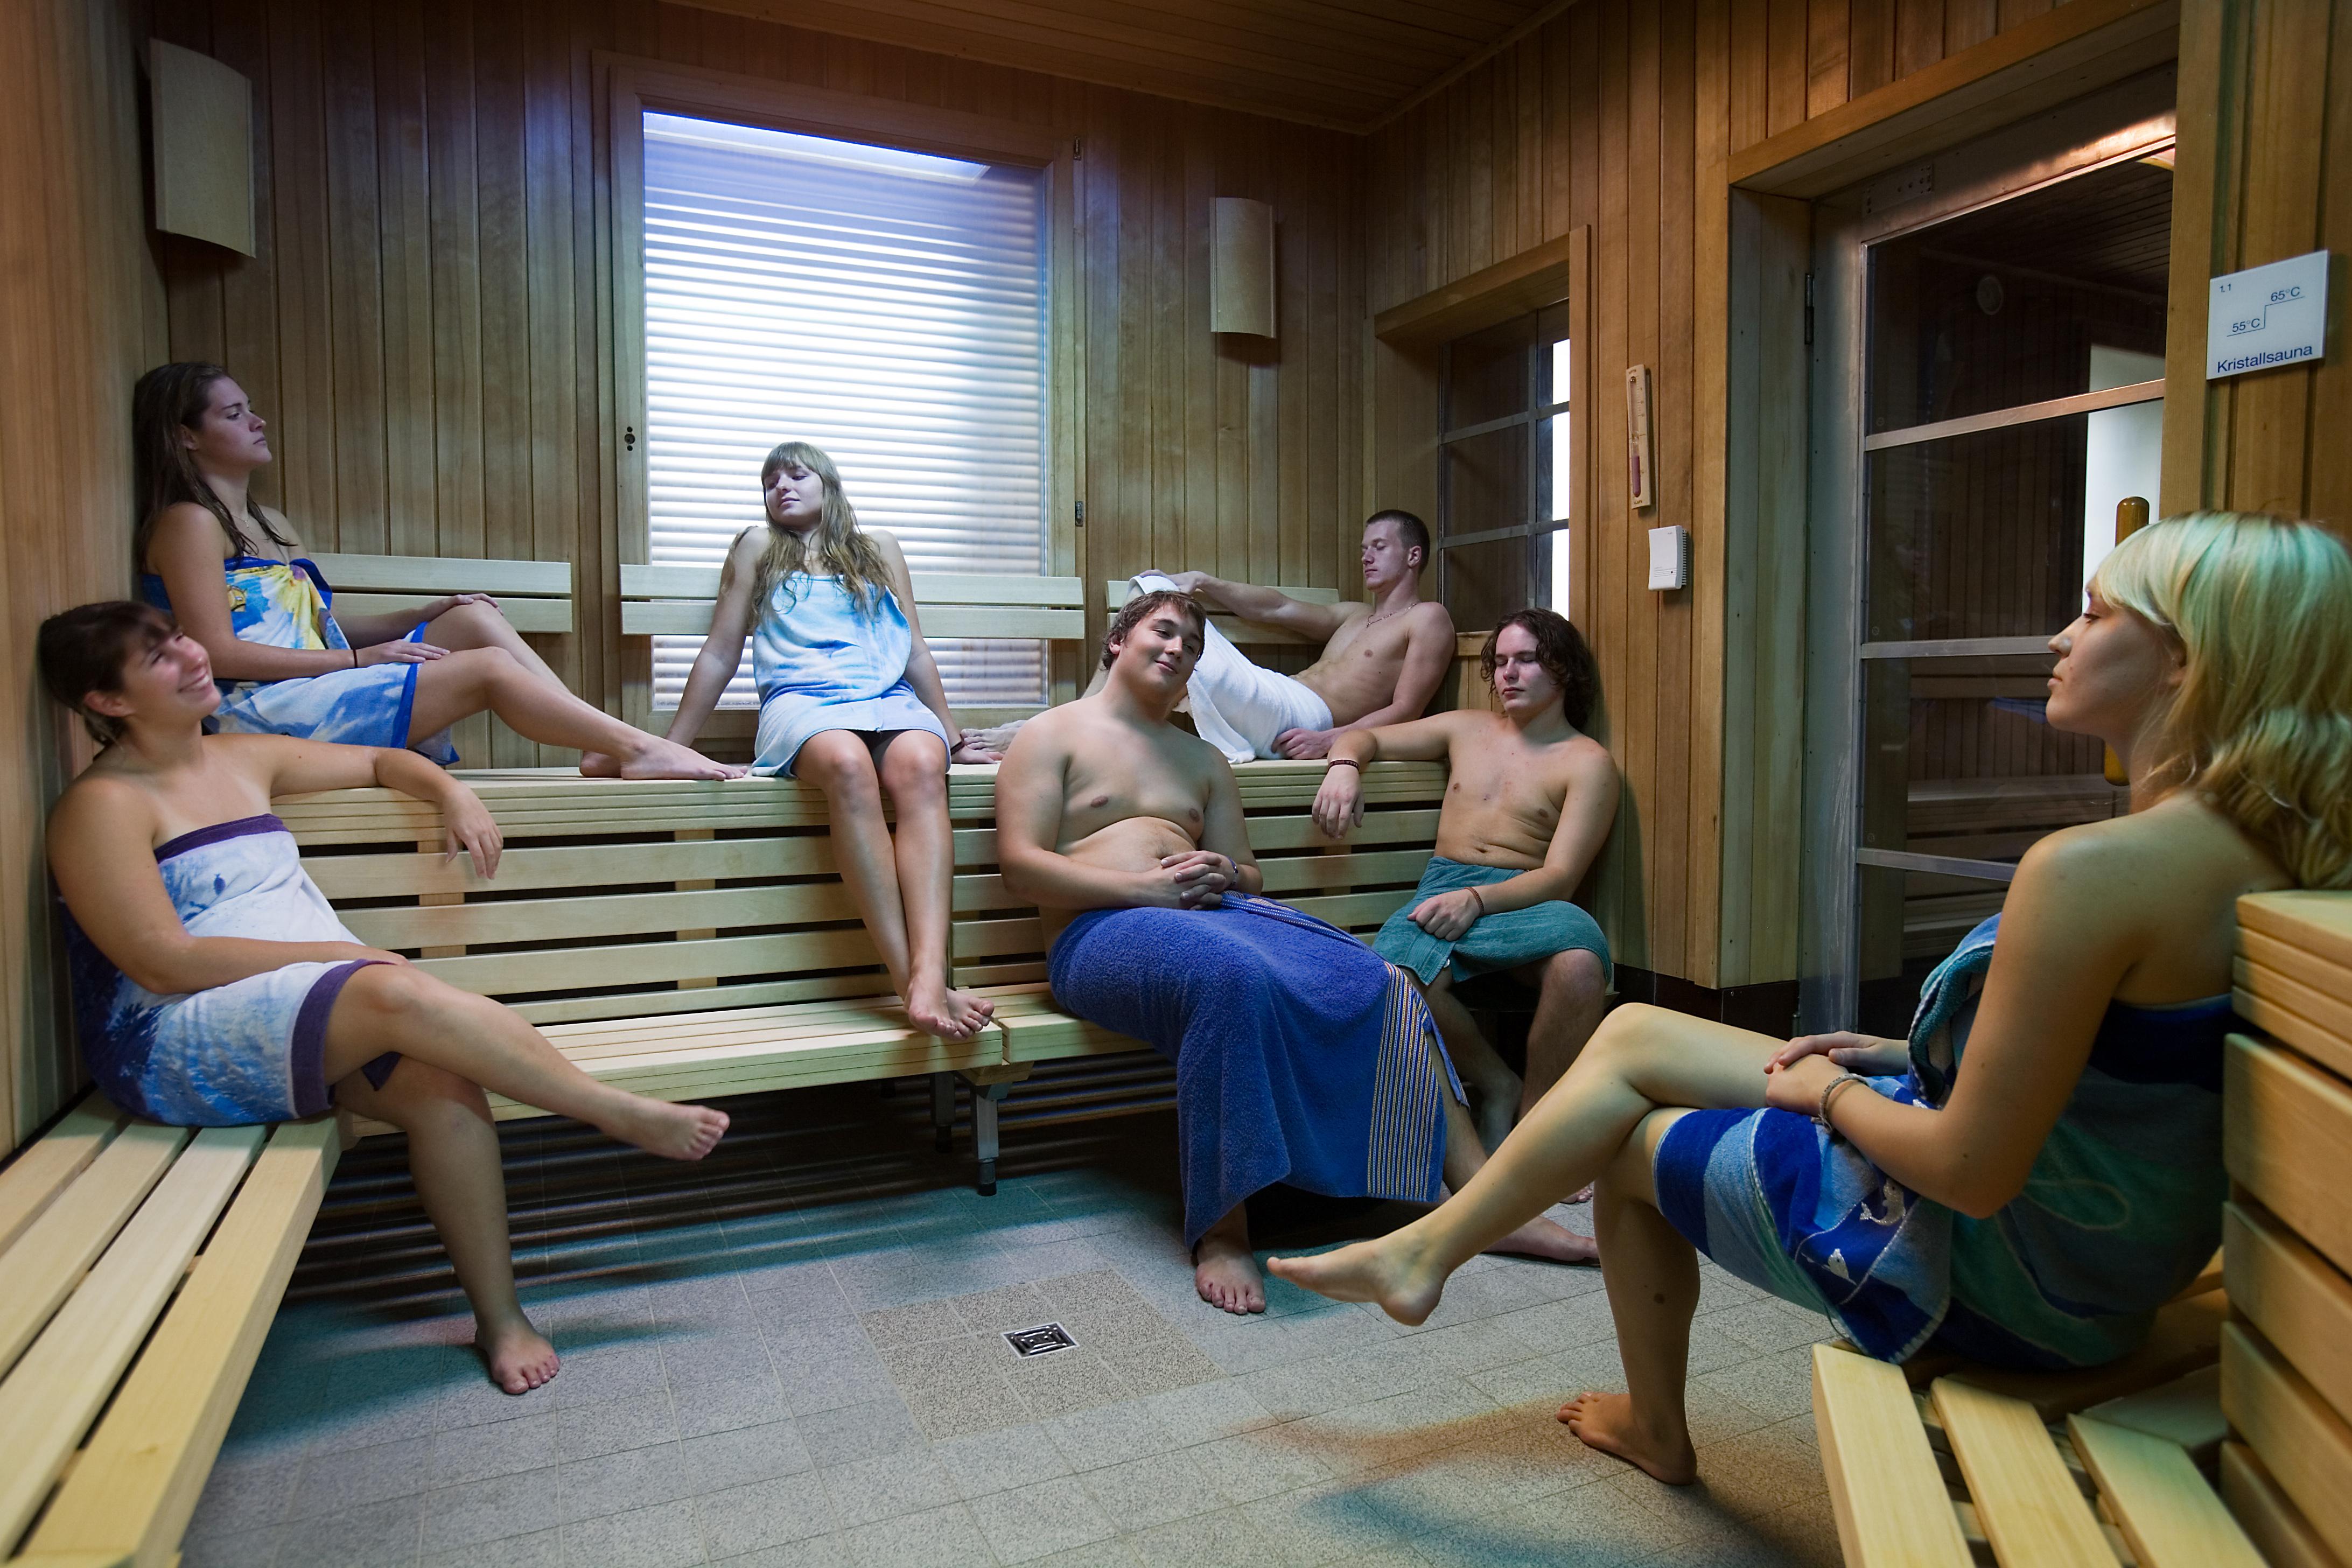 В бане общественной фото